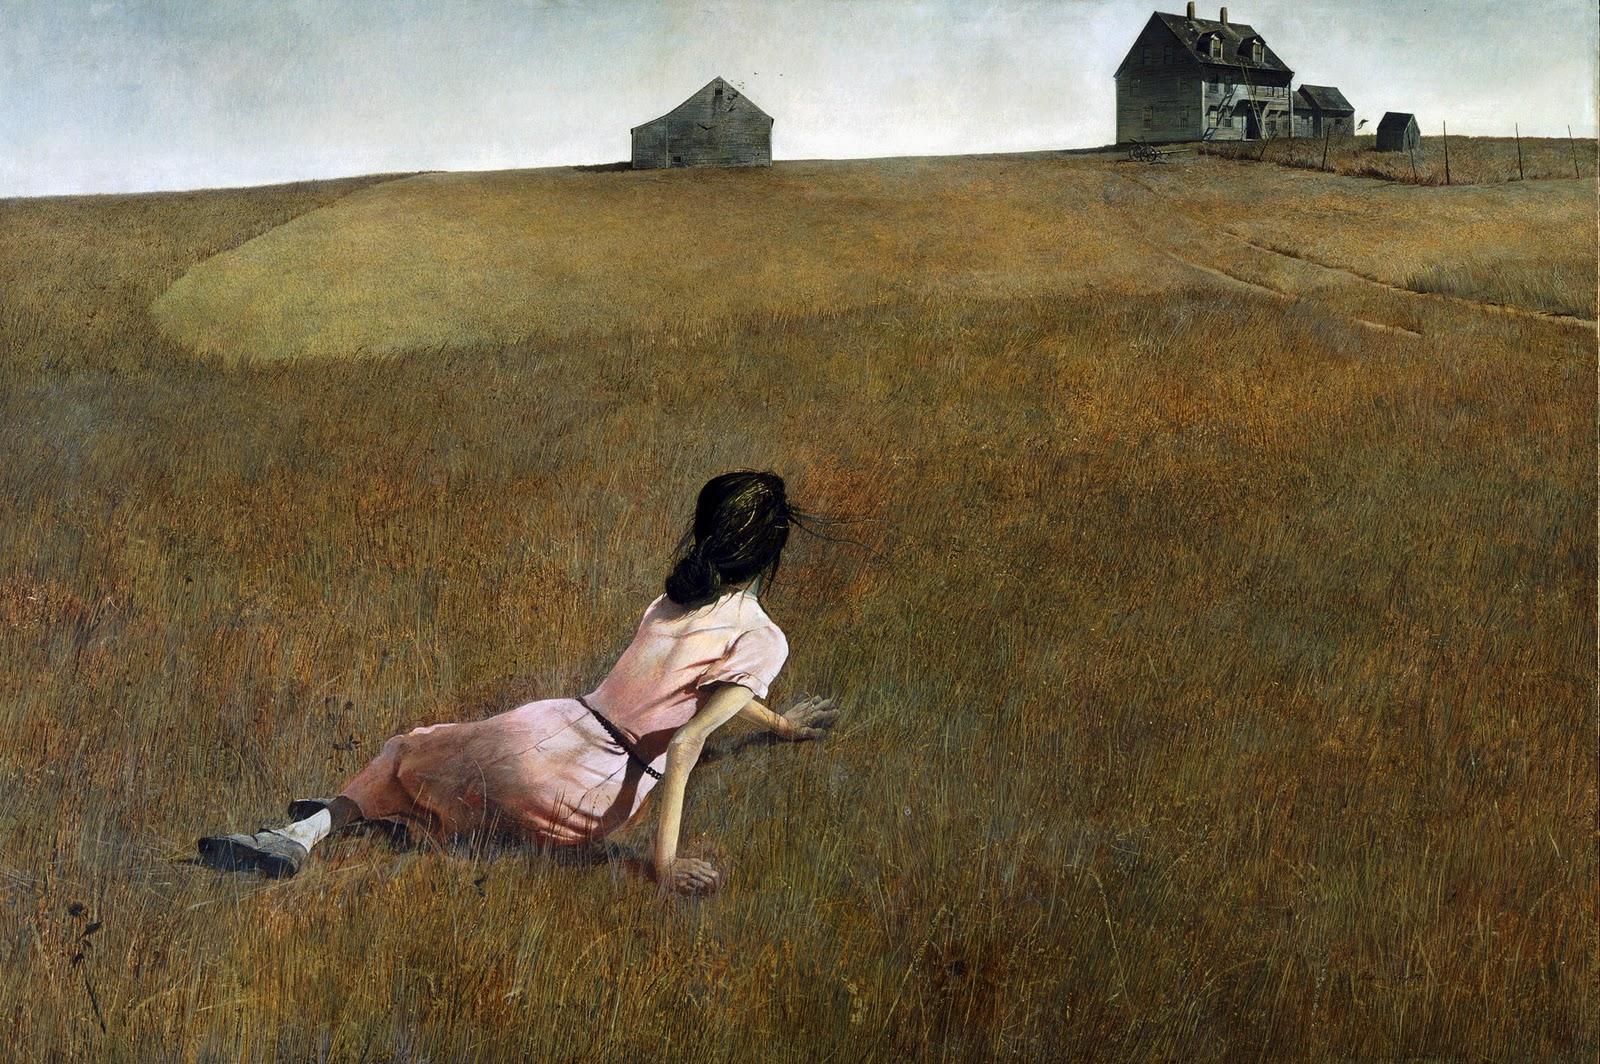 Cuadro de Andrew Wyeth, Christina´s World, que representa a una mujer recostada en la hierba mirando hacia una casa